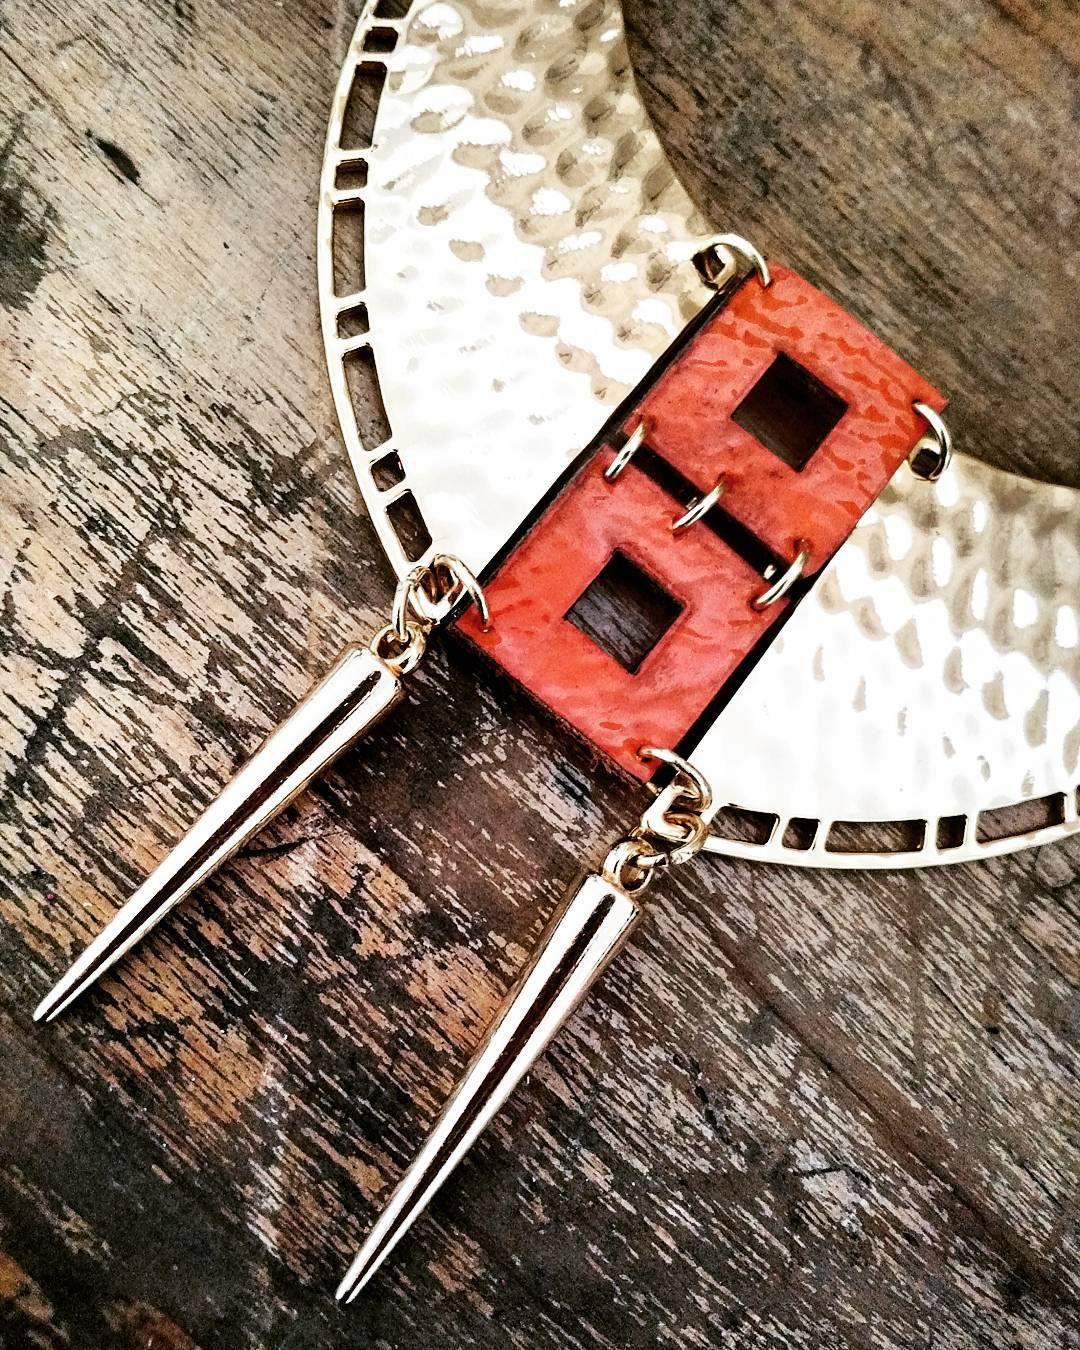 Boho girls até Sexta dia 27 tem a semana do maxi colar aqui na Maison! Todos os maxi com 10% de desconto! Vem escolher o teu!  #maxi #colar #trend #ss2016 #maisonboho #bohoacessorios #instaboho #acessórios #gypsy #boho #bohochic #bohostyle #bohemianstyle #necklace #couro #leather #lasercut #sustentável #sustentabilidade by bohoacessoriosemcouro